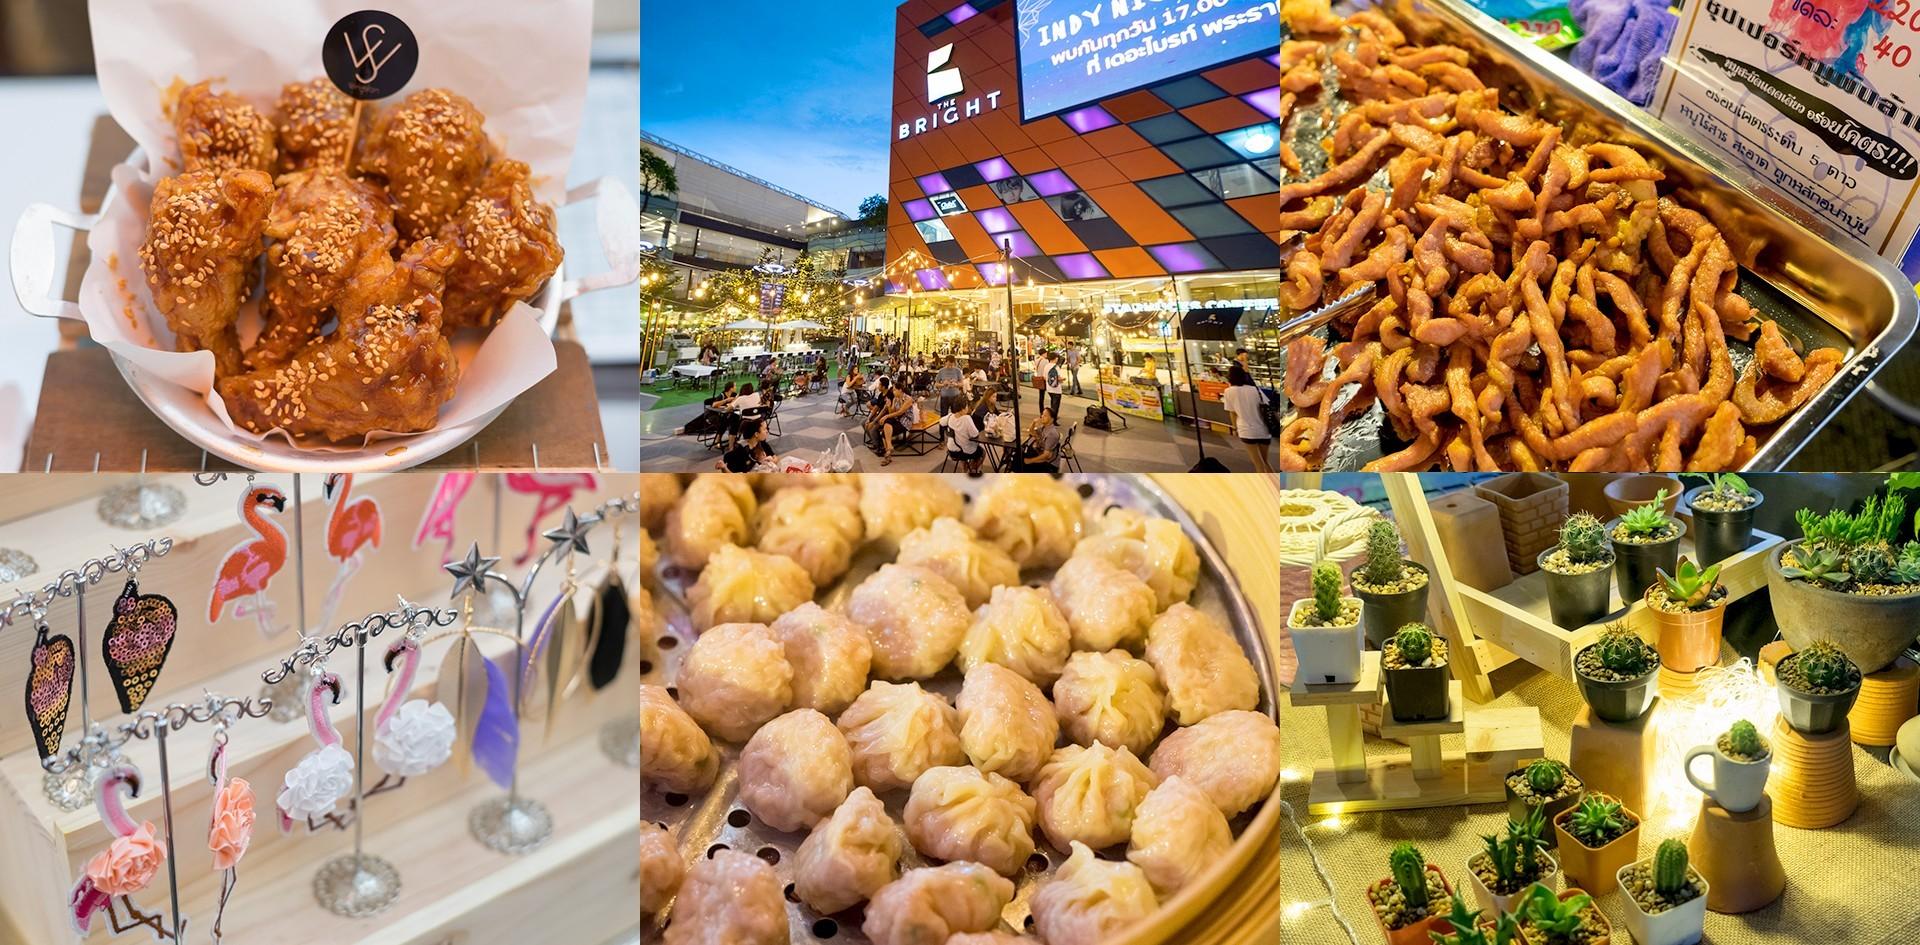 ชวนมาชิมและแชร์! ตลาดนัดอินดี้พระราม 2 @ The Bright Indy Night Market